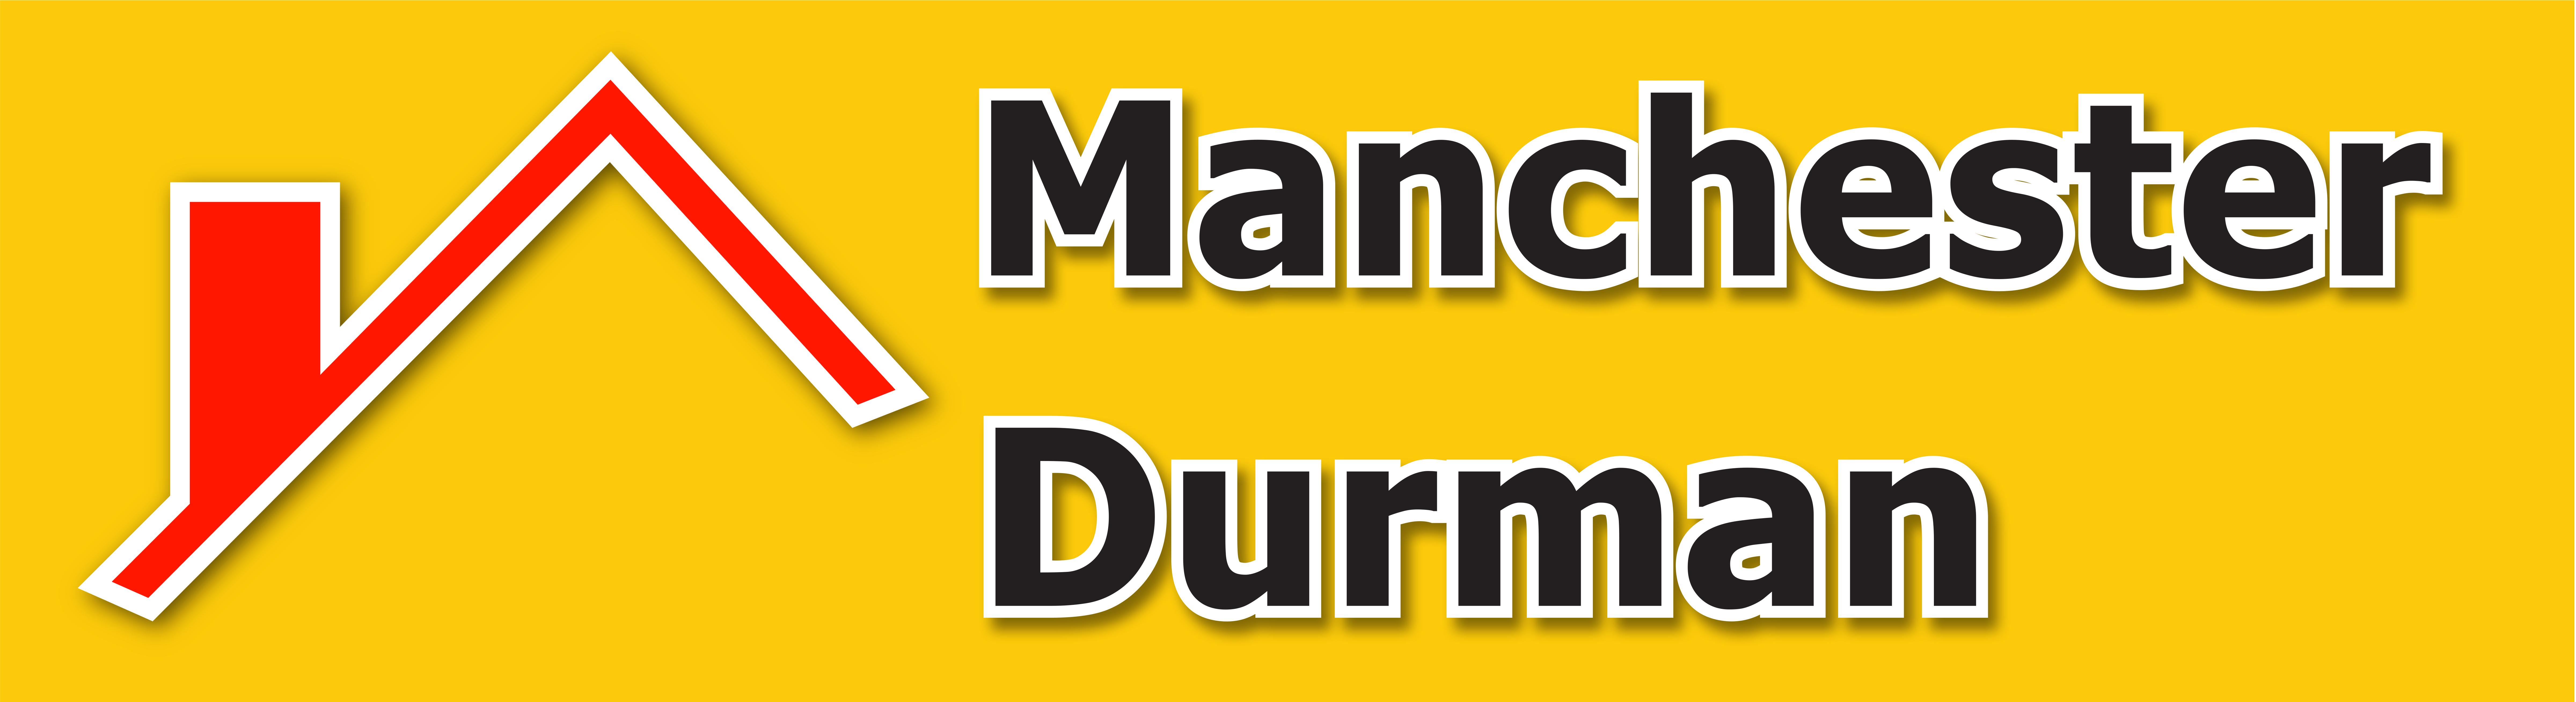 Manchester Durman